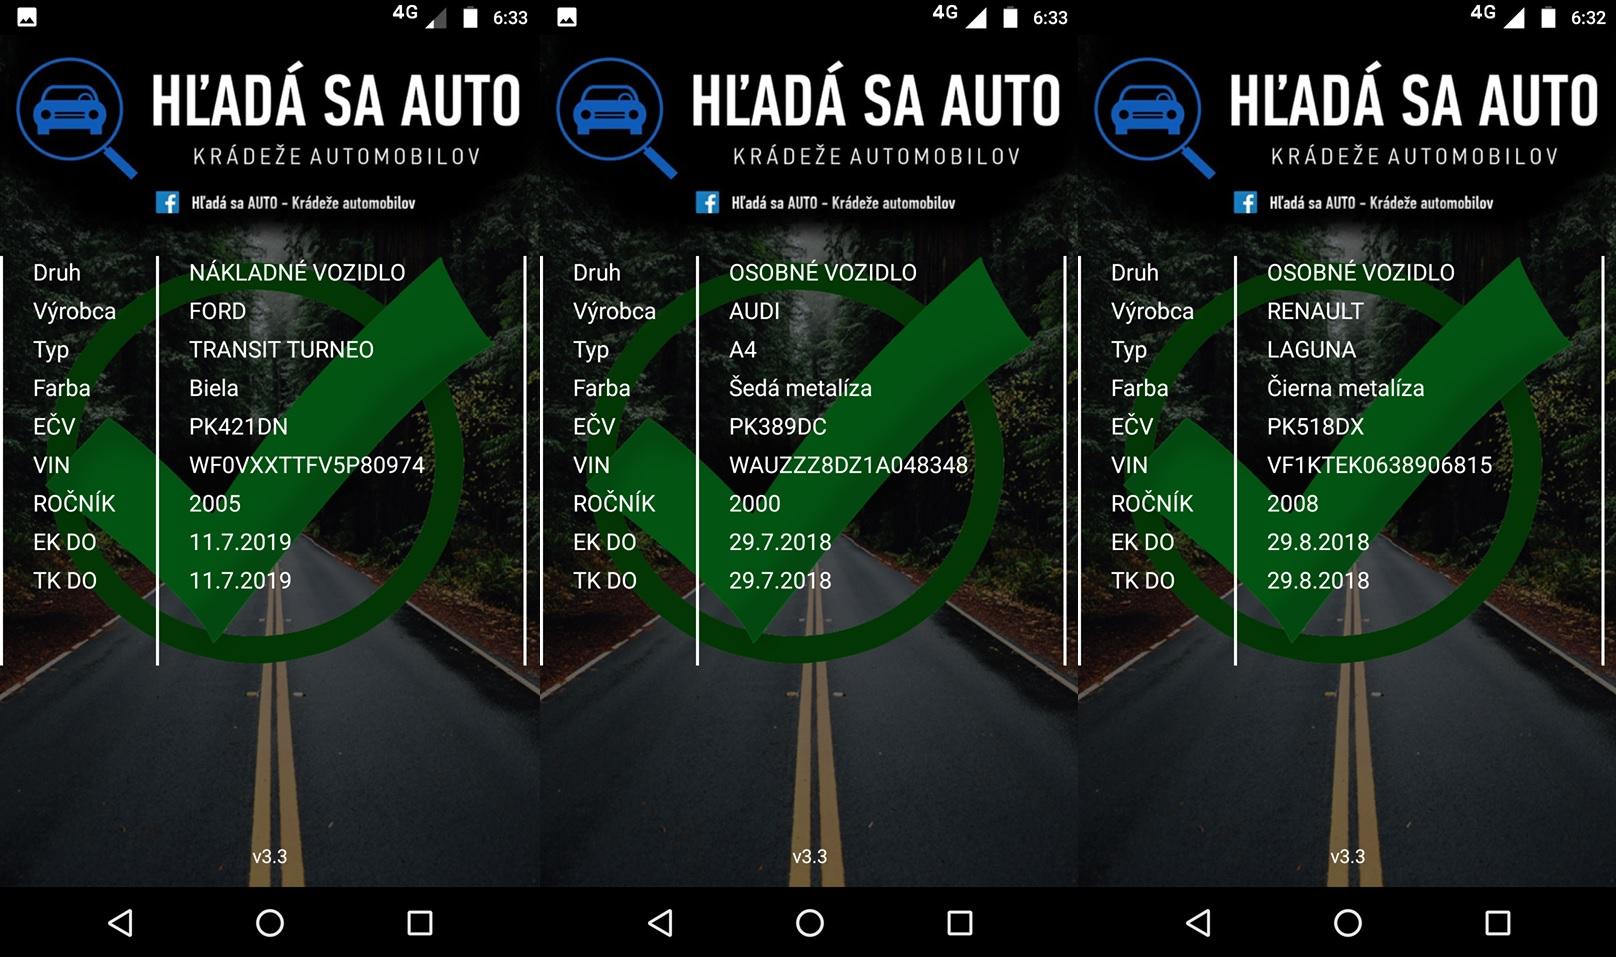 Systém Haka - Hľadá sa auto - Vyhľadávanie kradnutých áut na Slovensku